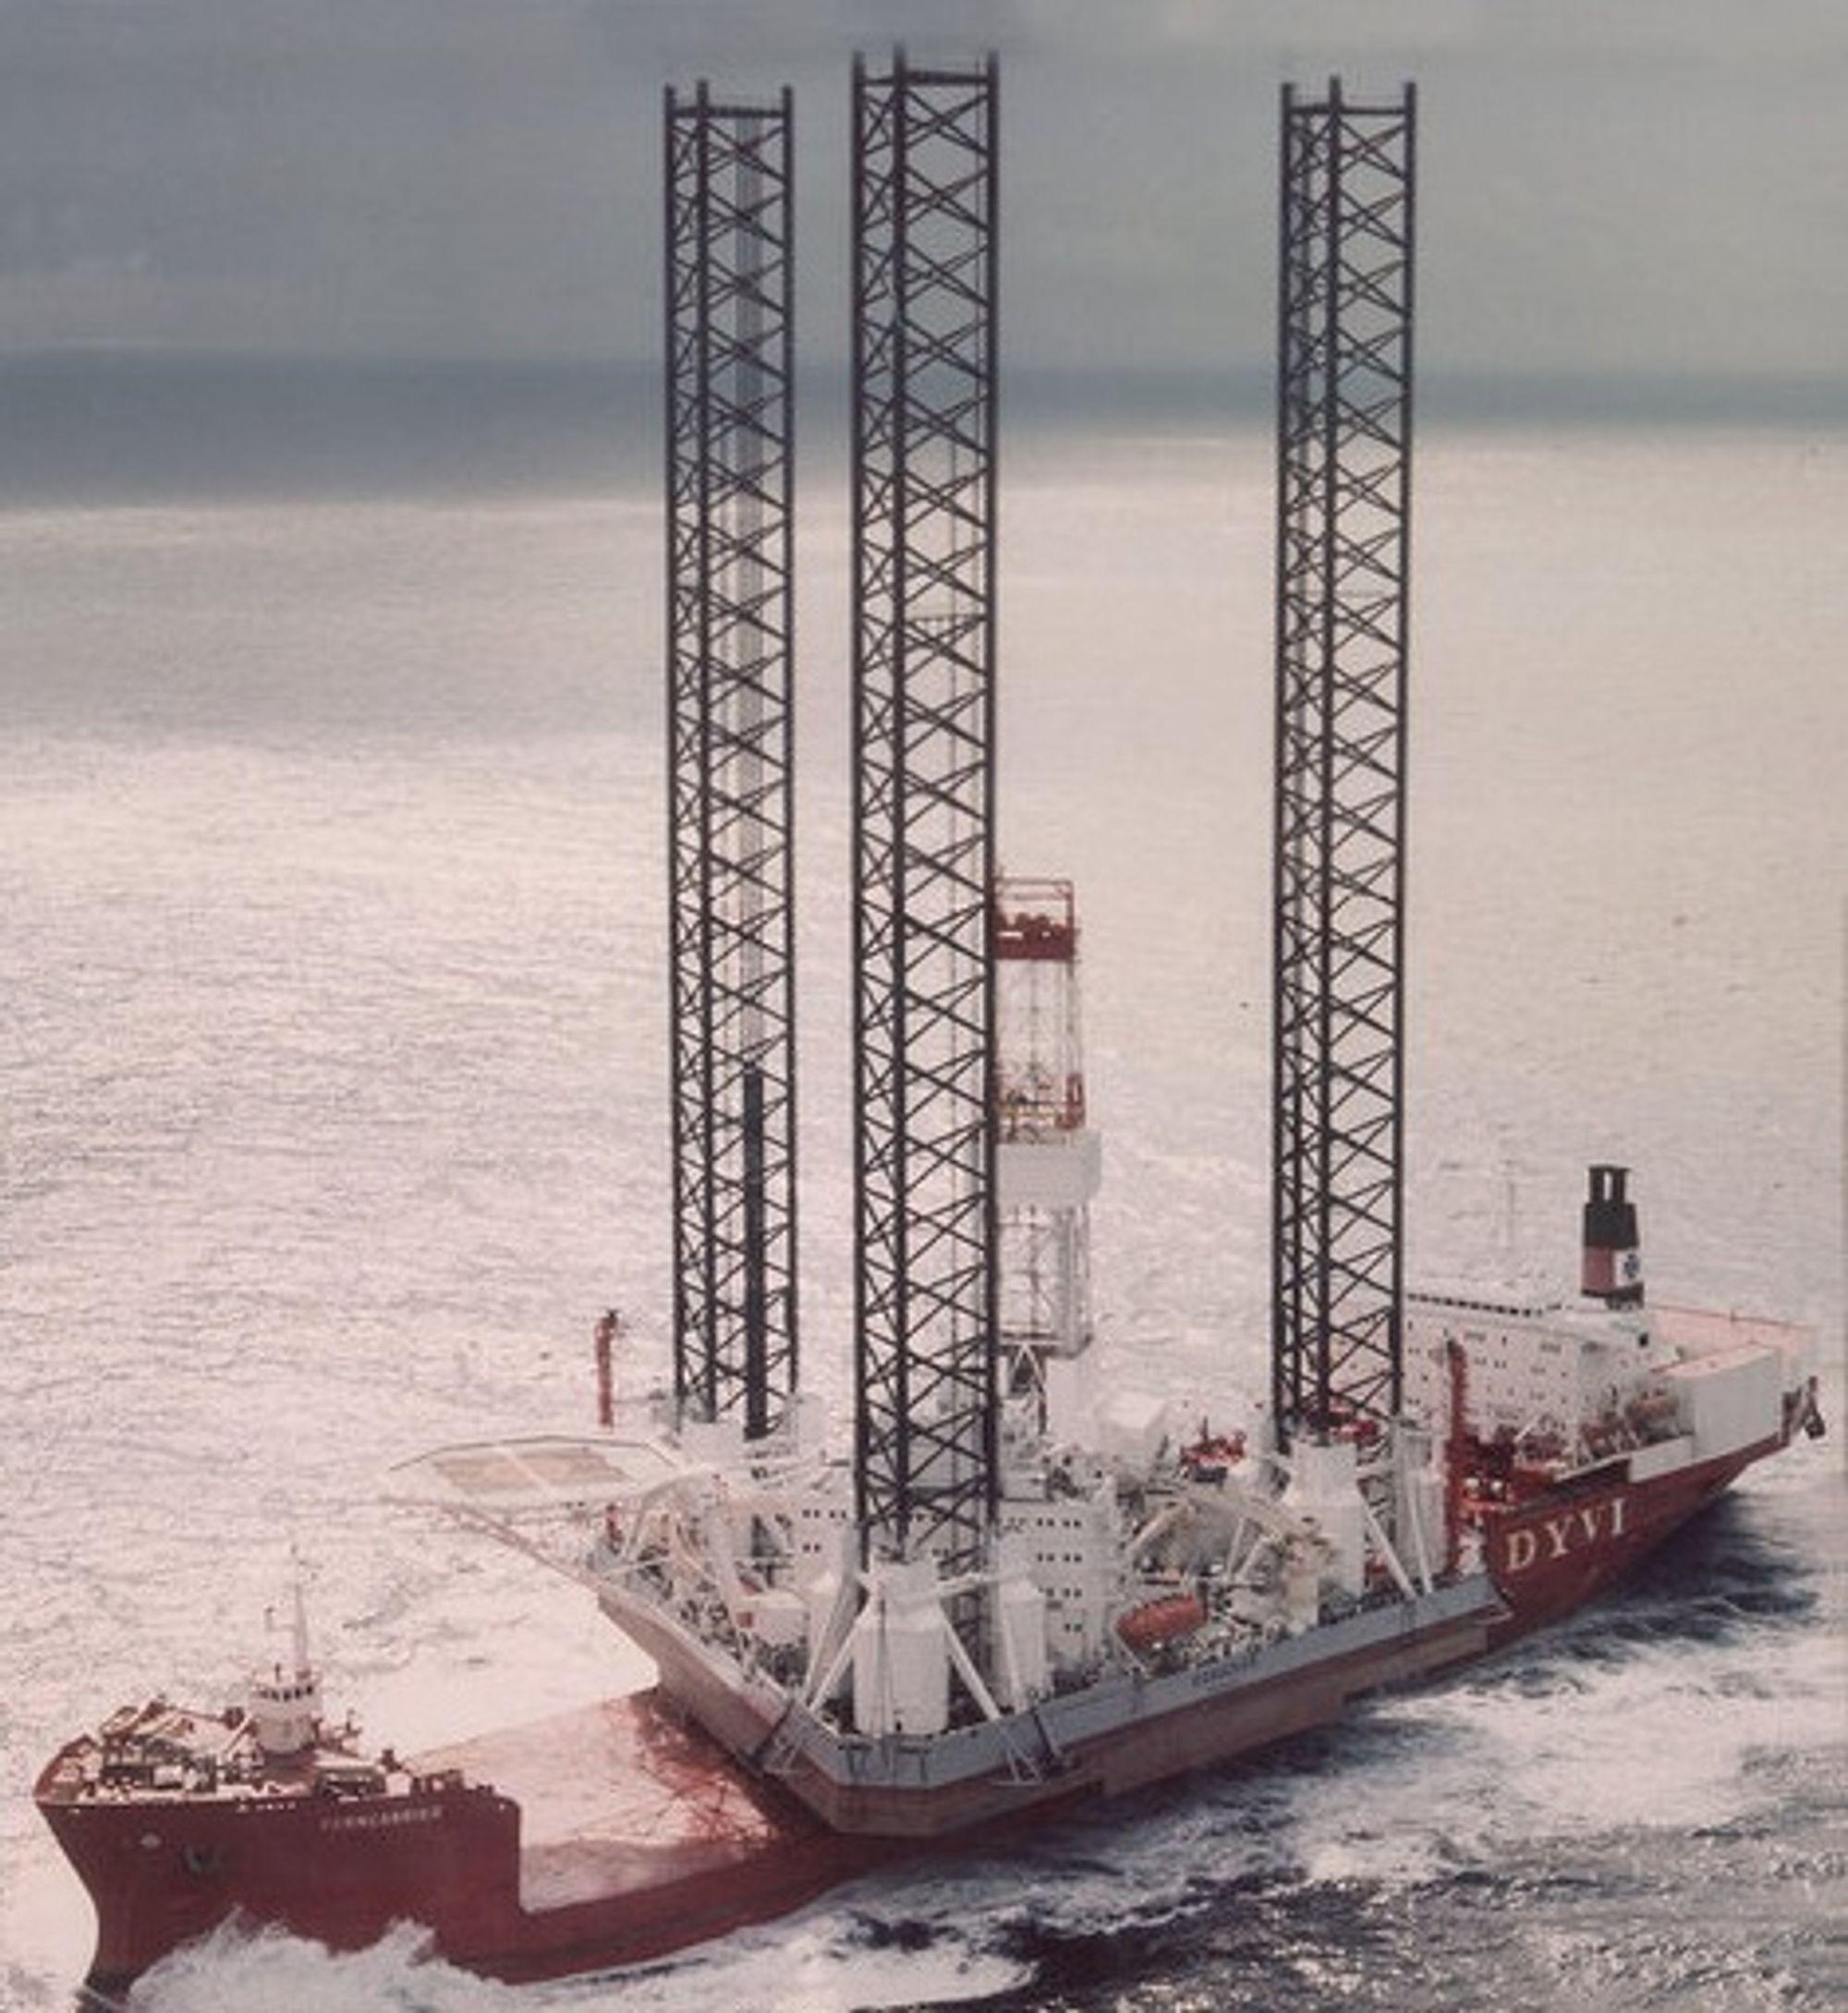 TUNGLØFT: Når oppjekkbare rigger som Kolskaya skal flyttes over lange avstander, benyttes tungløftskip som her, et Dyvi-skip.